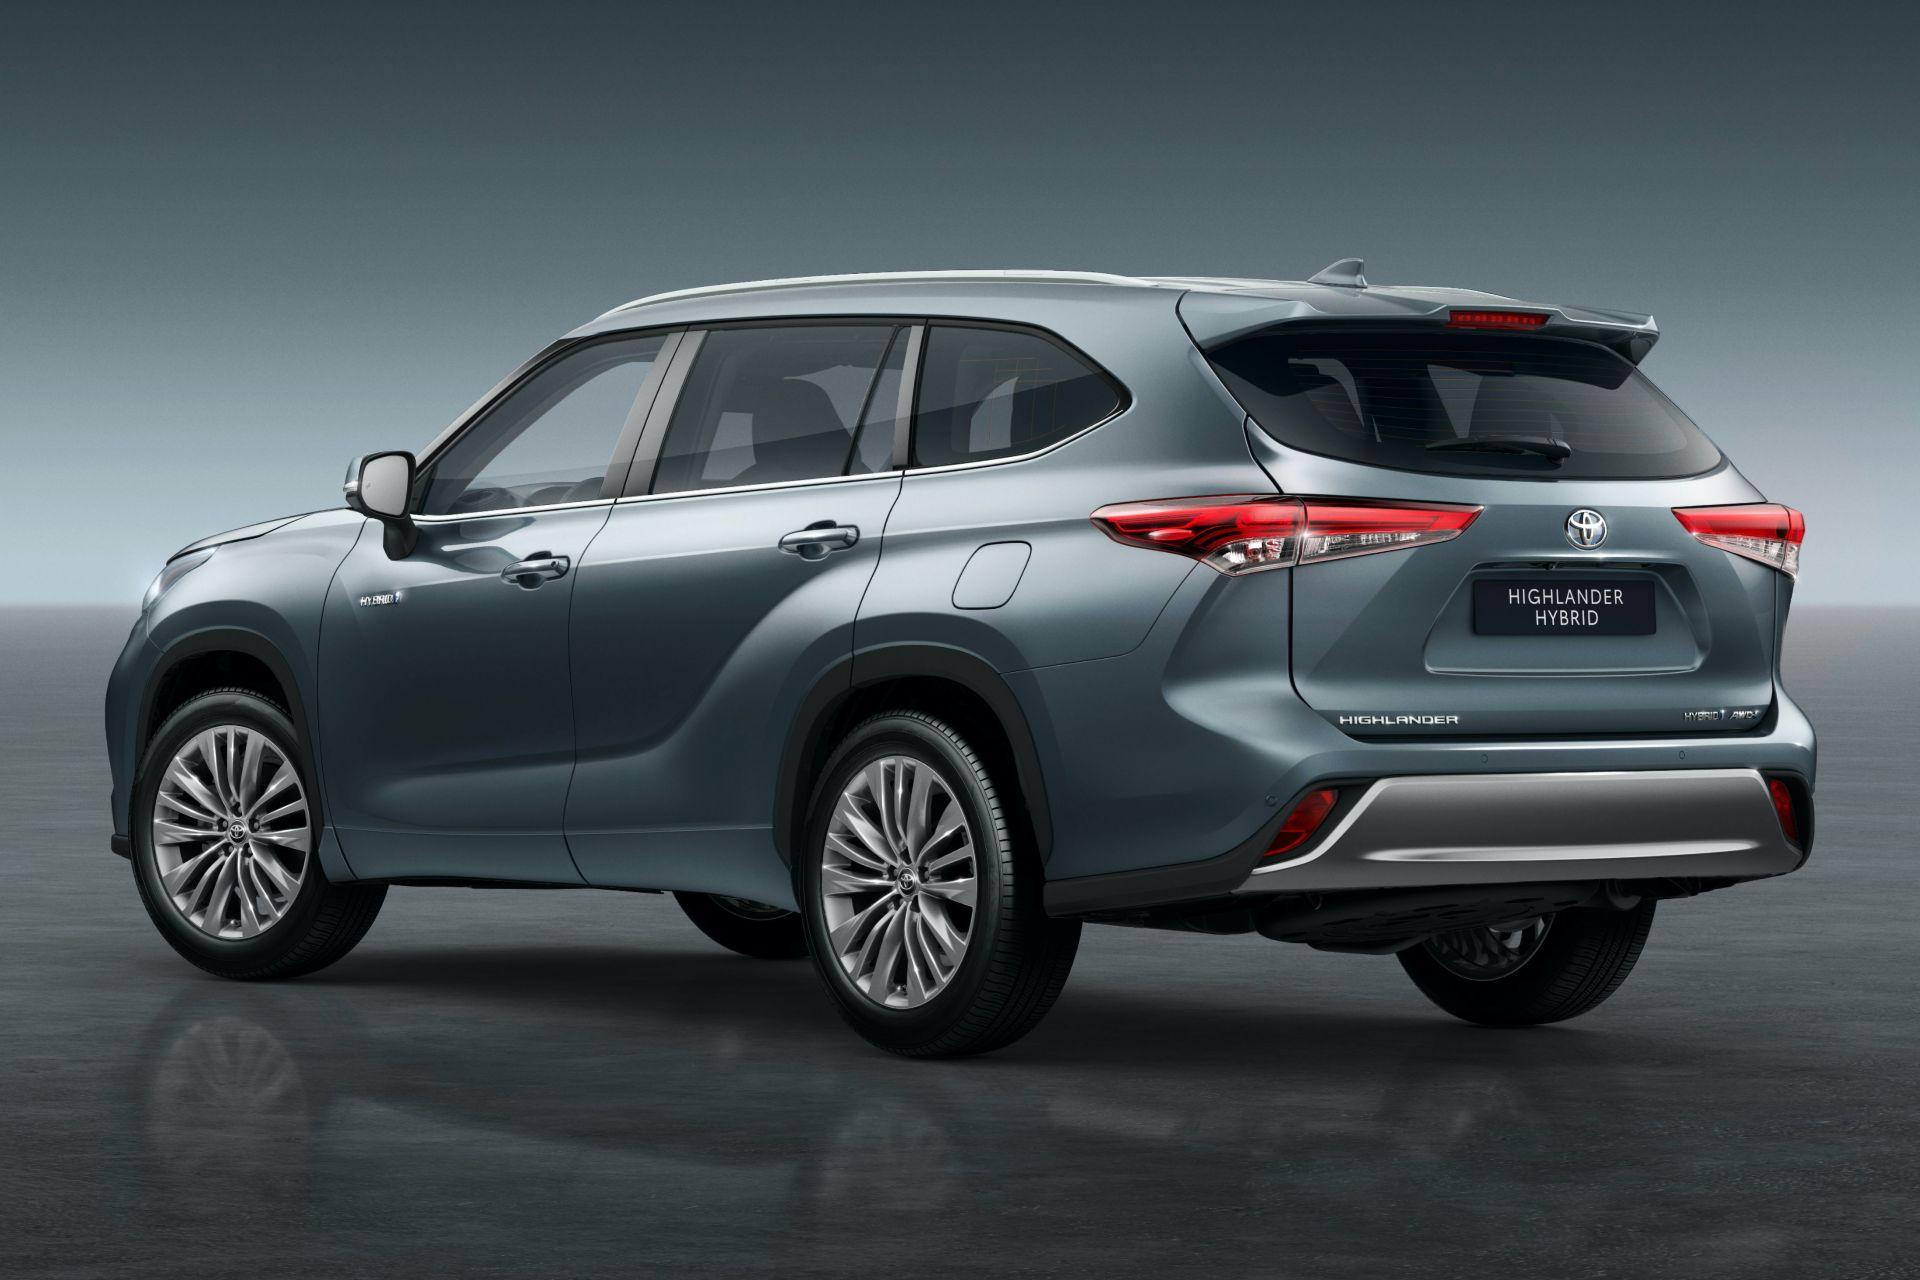 2021-Toyota-Highlander-Hybrid-Euro-spec-2